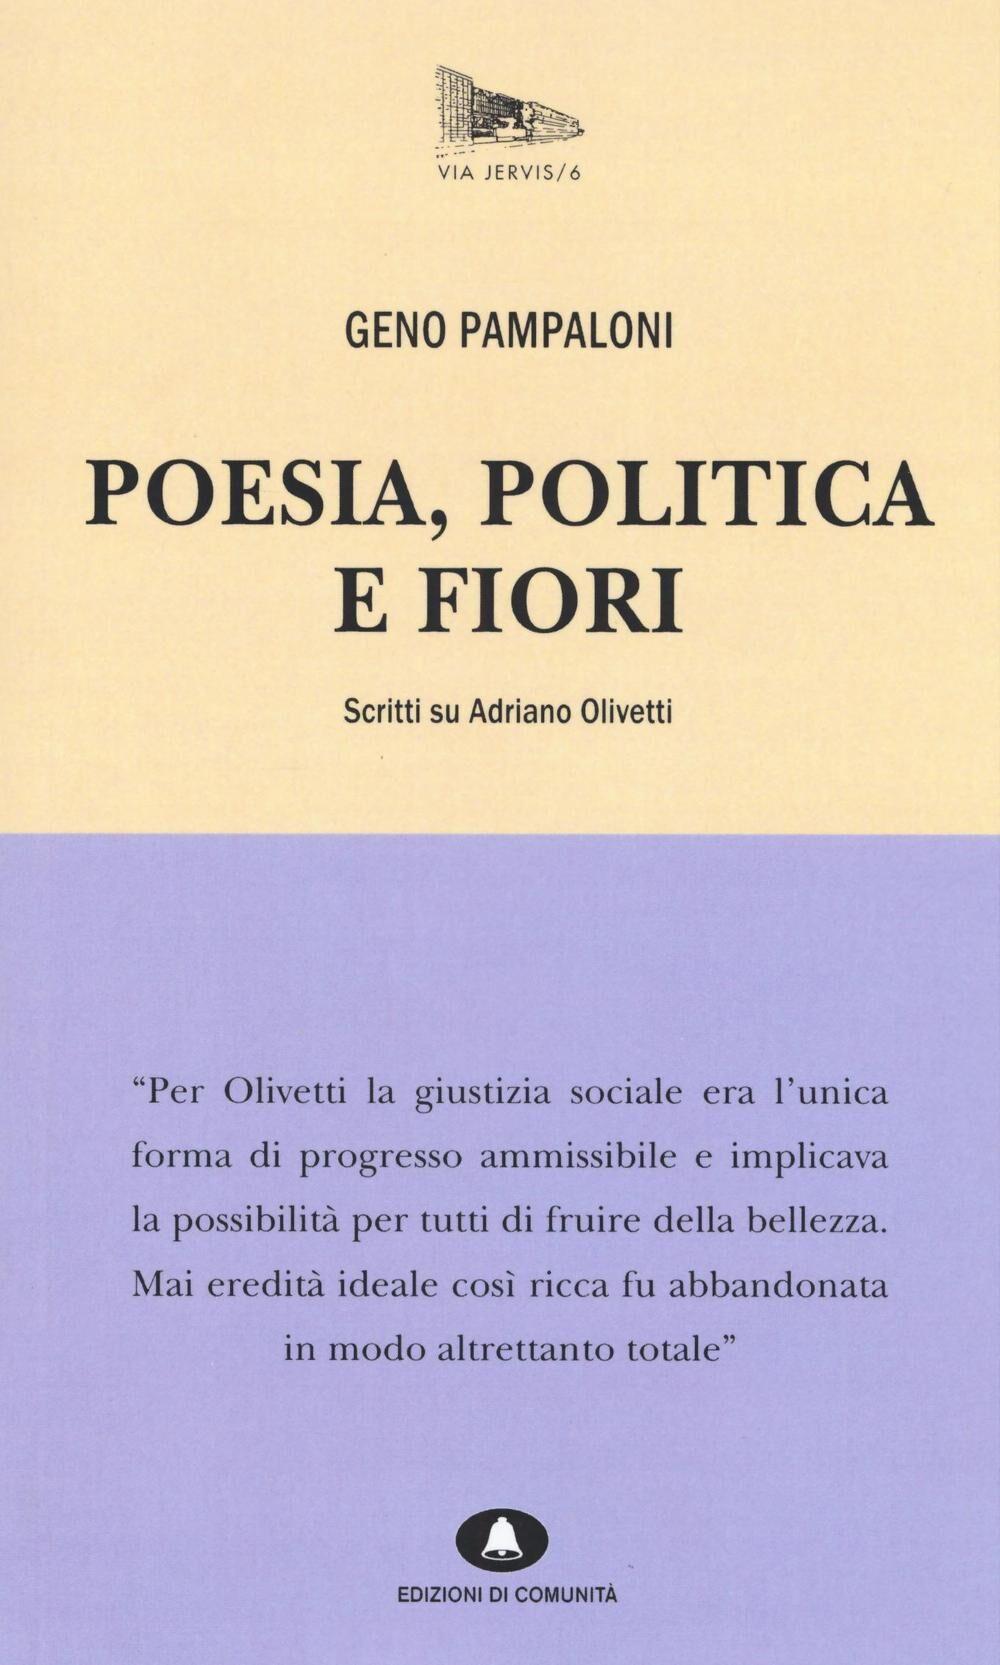 Poesia, politica e fiori. Scritti su Adriano Olivetti